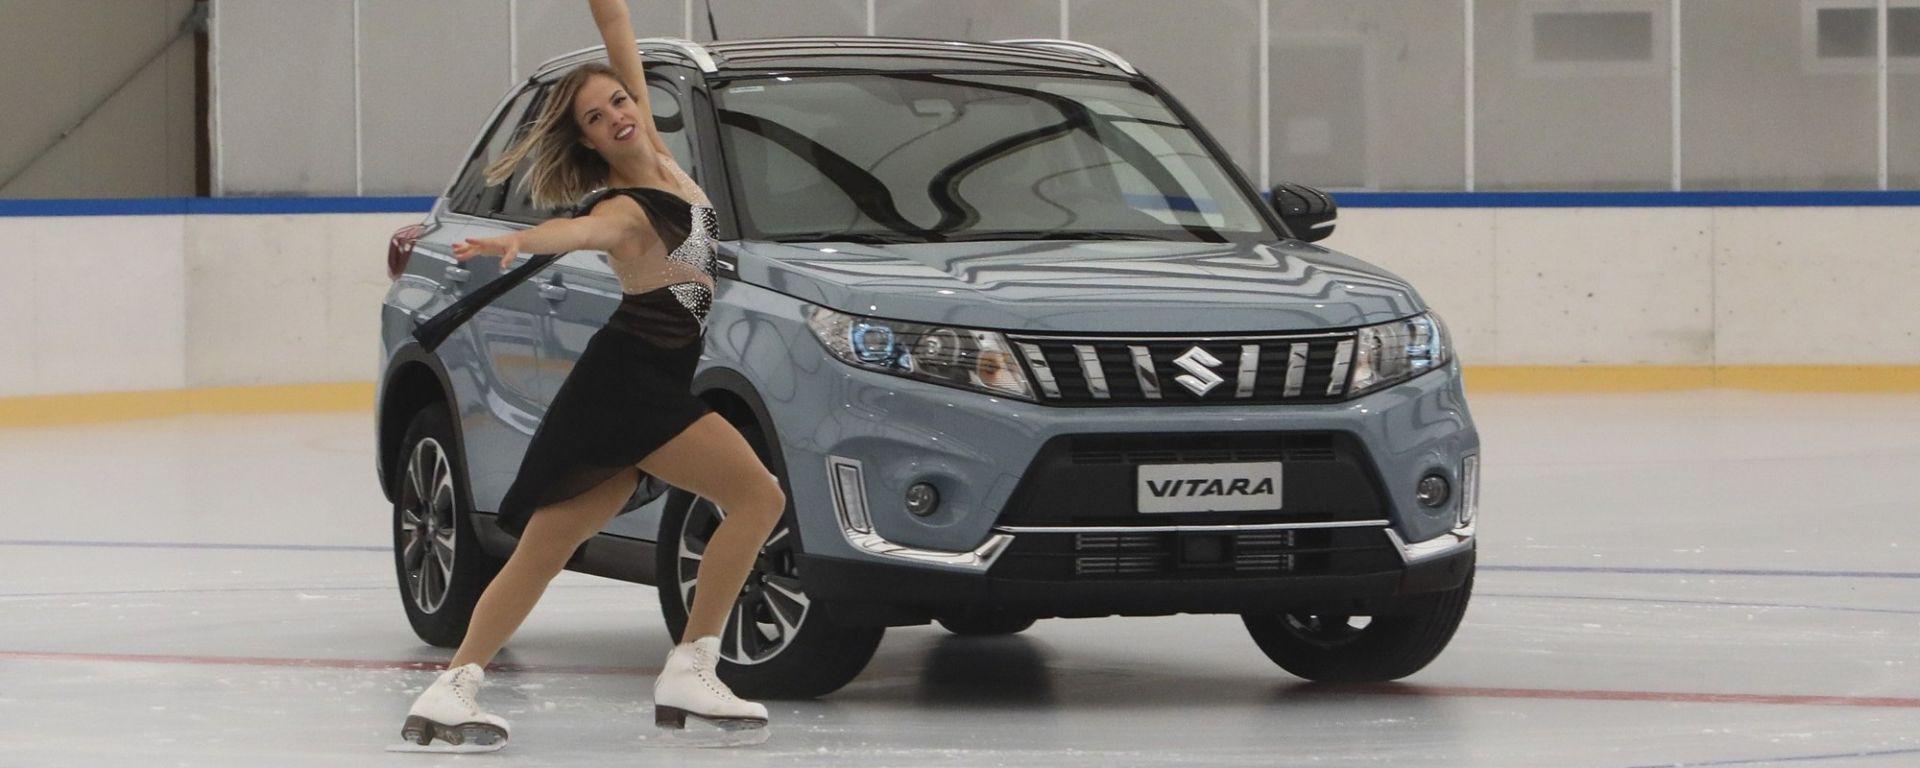 Suzuki è Sport: torna il concorso a sostegno delle società dilettantistiche